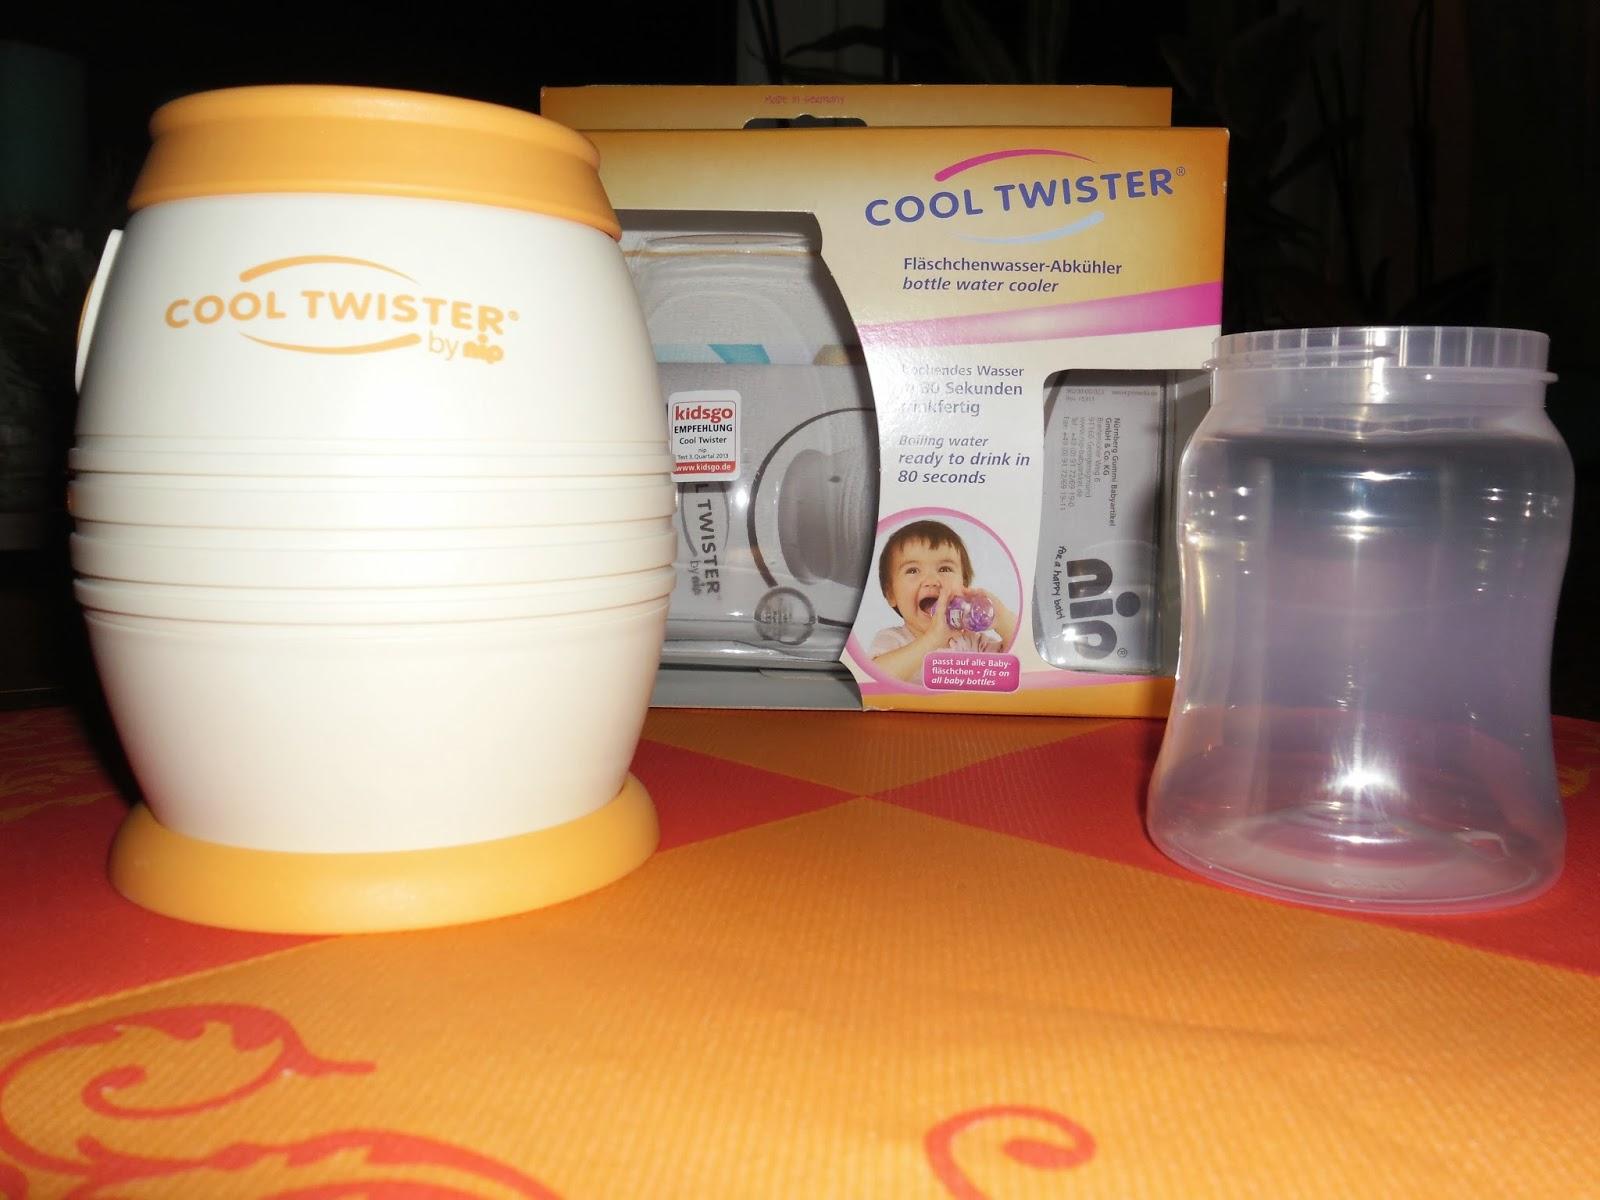 Produkttest: NIP - Cool Twister